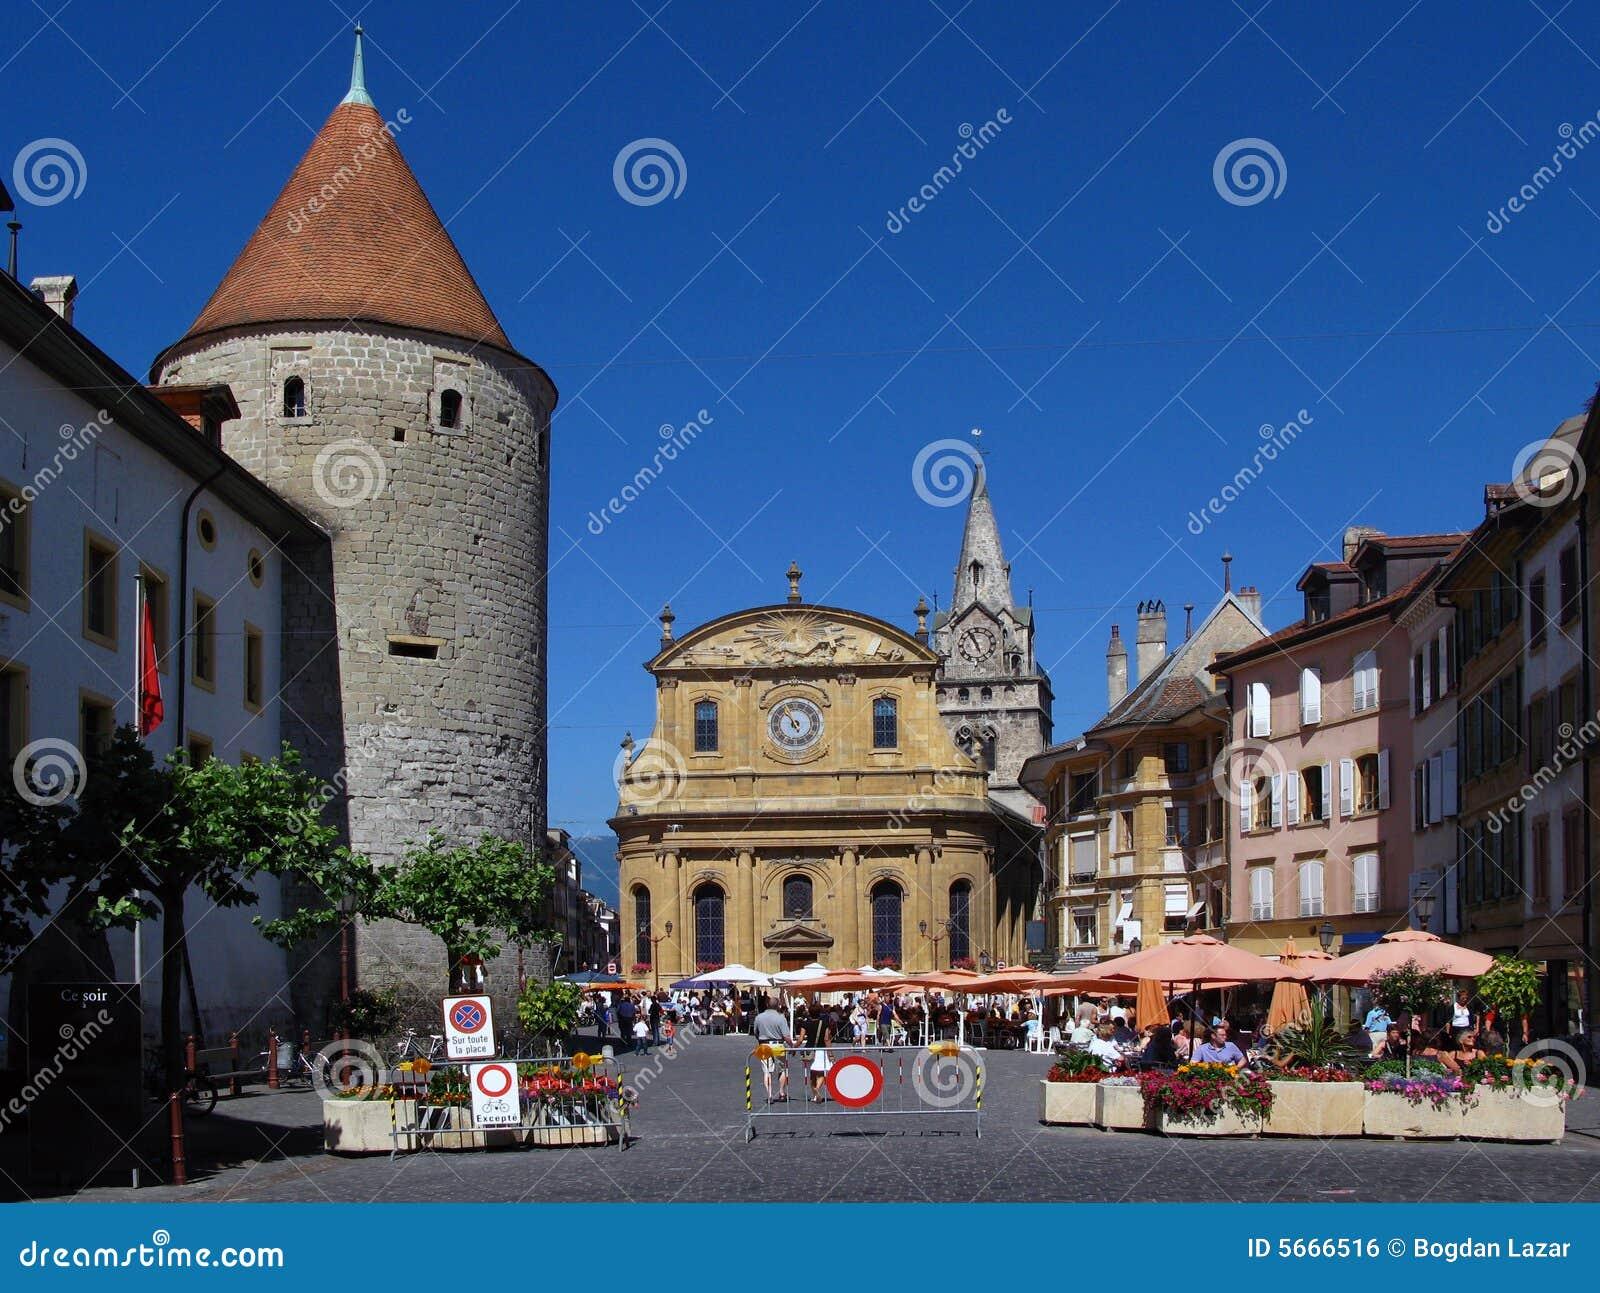 Place de pestalozzi yverdon les bains suisse photo stock for Location yverdon les bains